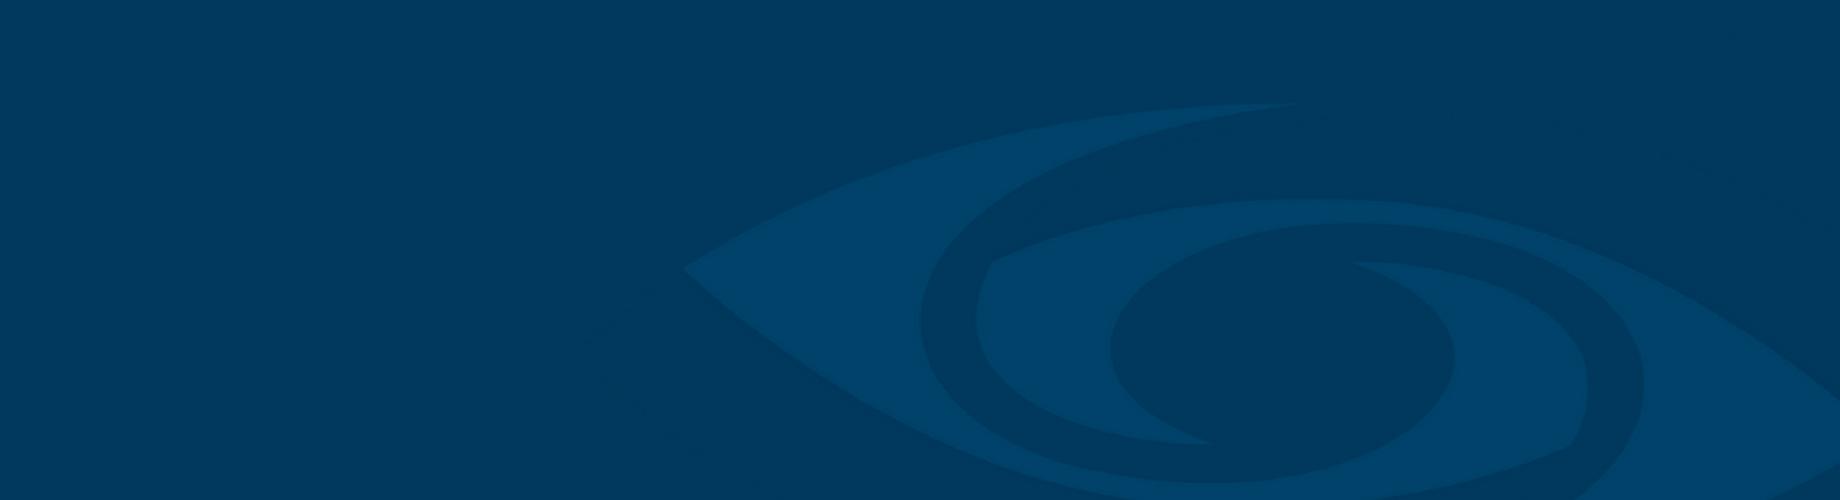 Eye care center cover